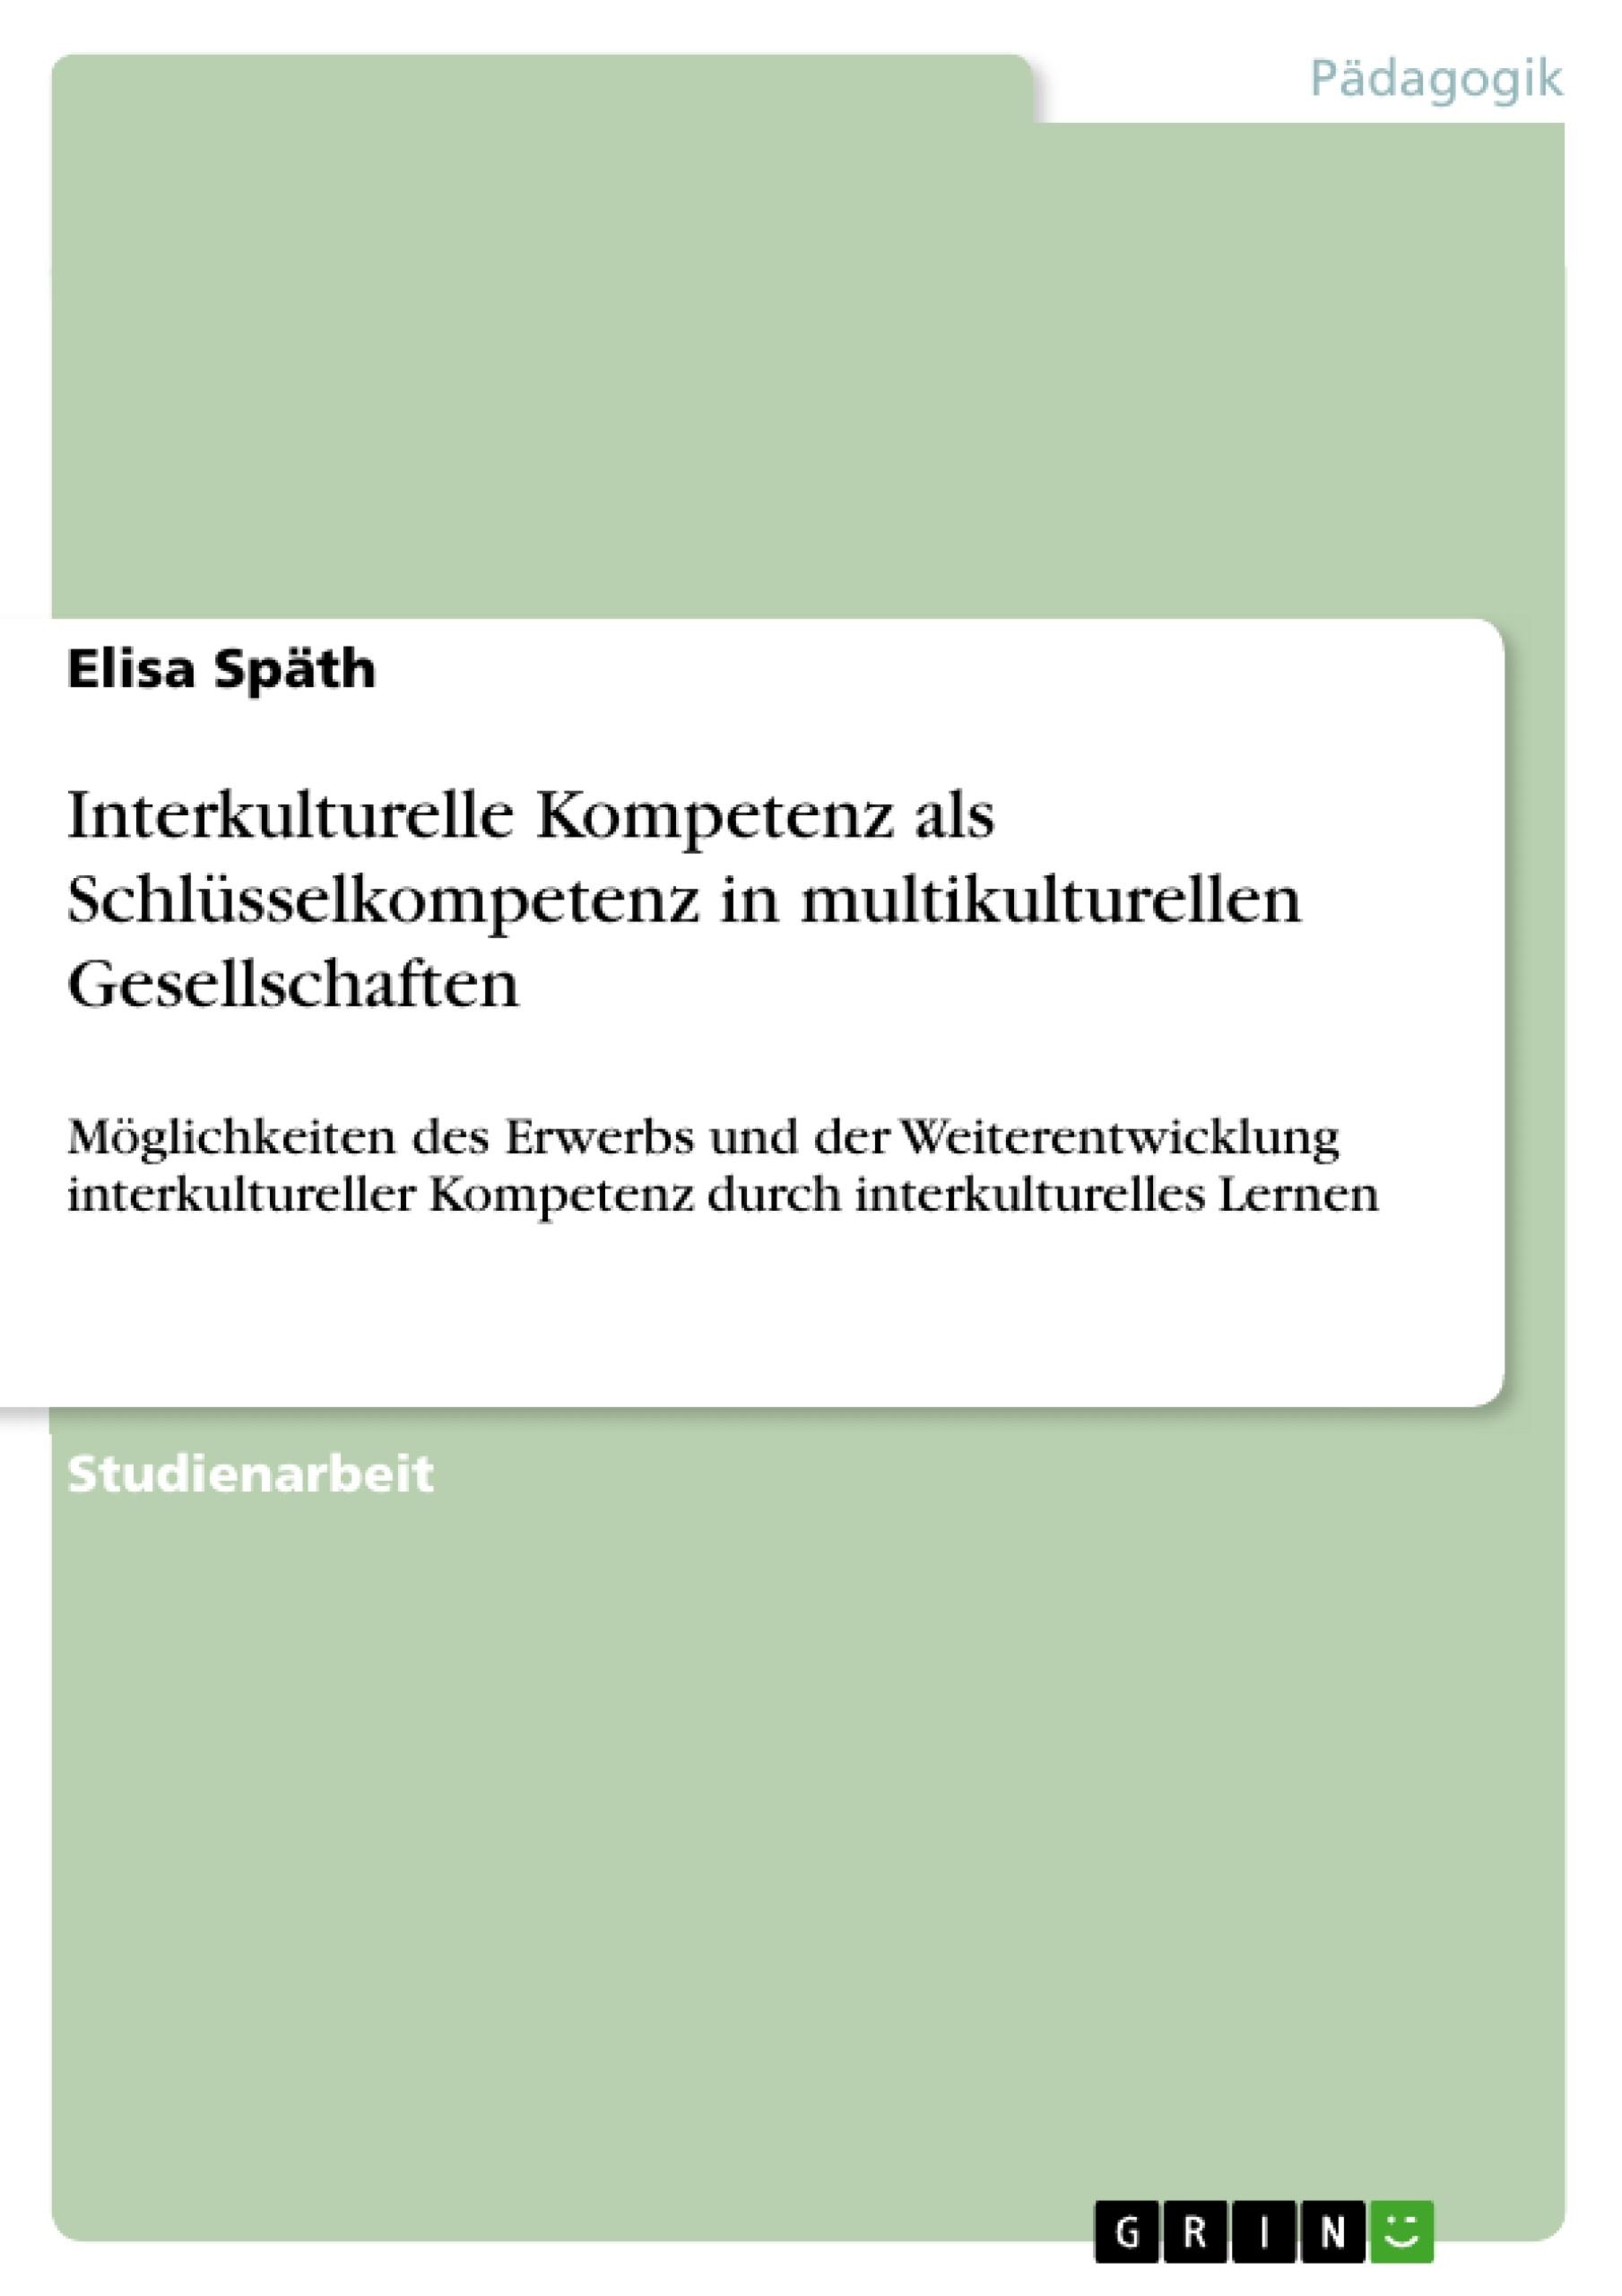 Titel: Interkulturelle Kompetenz als Schlüsselkompetenz in multikulturellen Gesellschaften